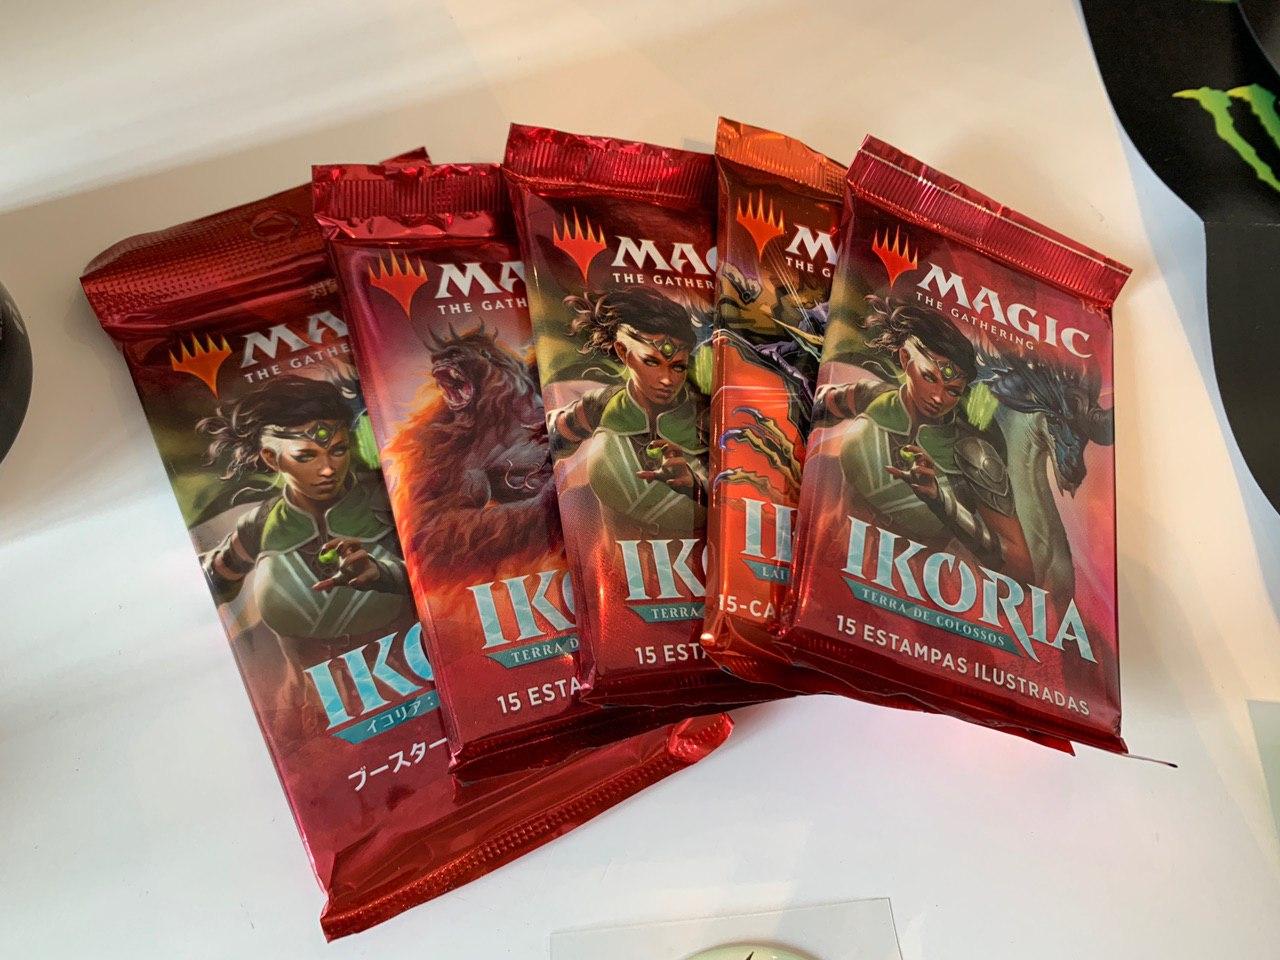 Magic físico: Ikoria estreia com novas mecânicas, 274 cards e Godzilla